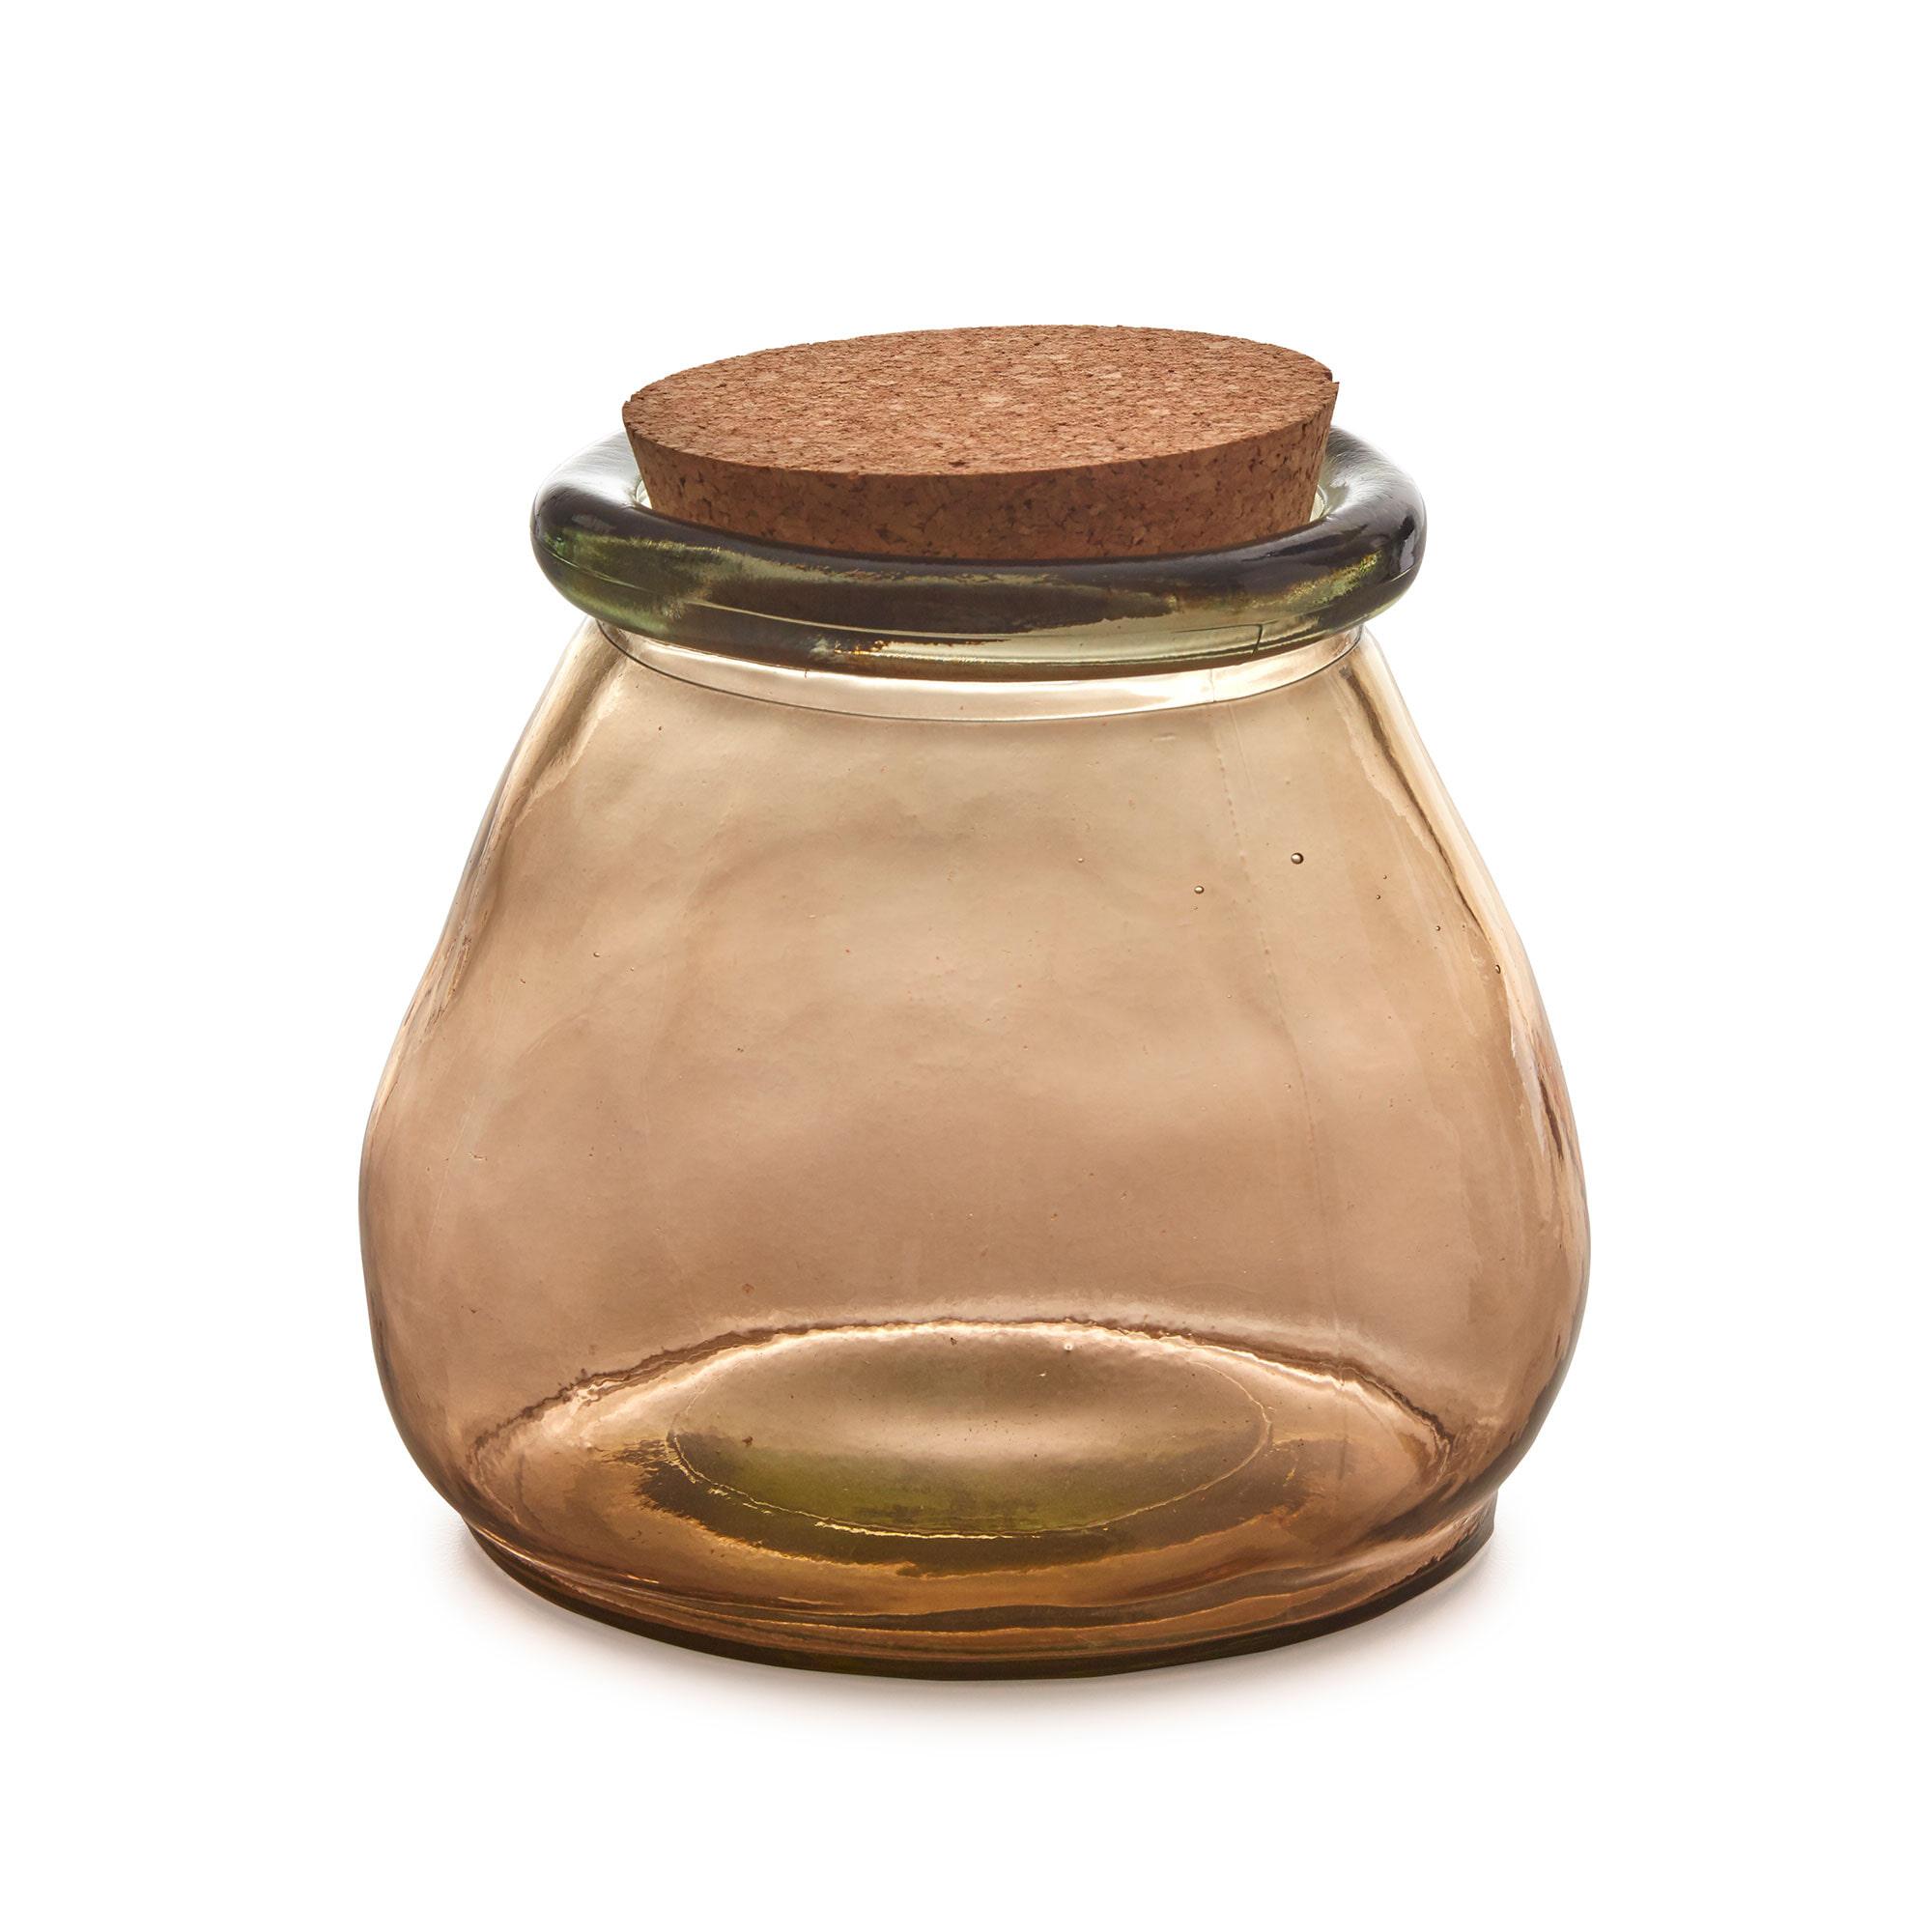 Kave Home Voorraadpot 'Rohan' Large, kleur Bruin